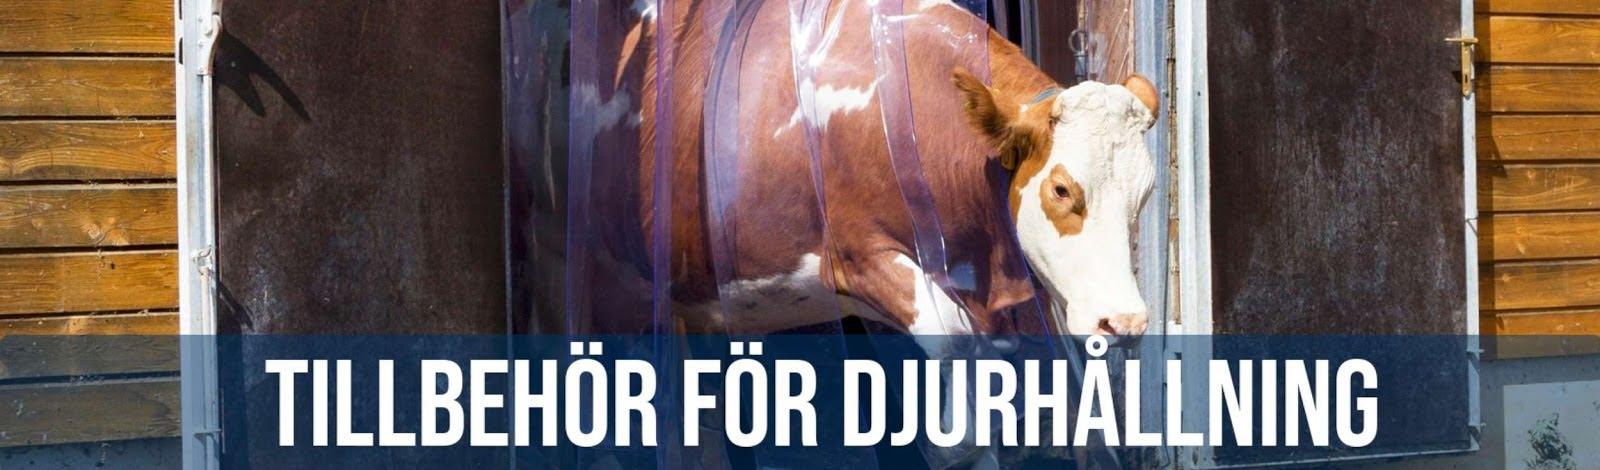 Tillbehör för djurhållning